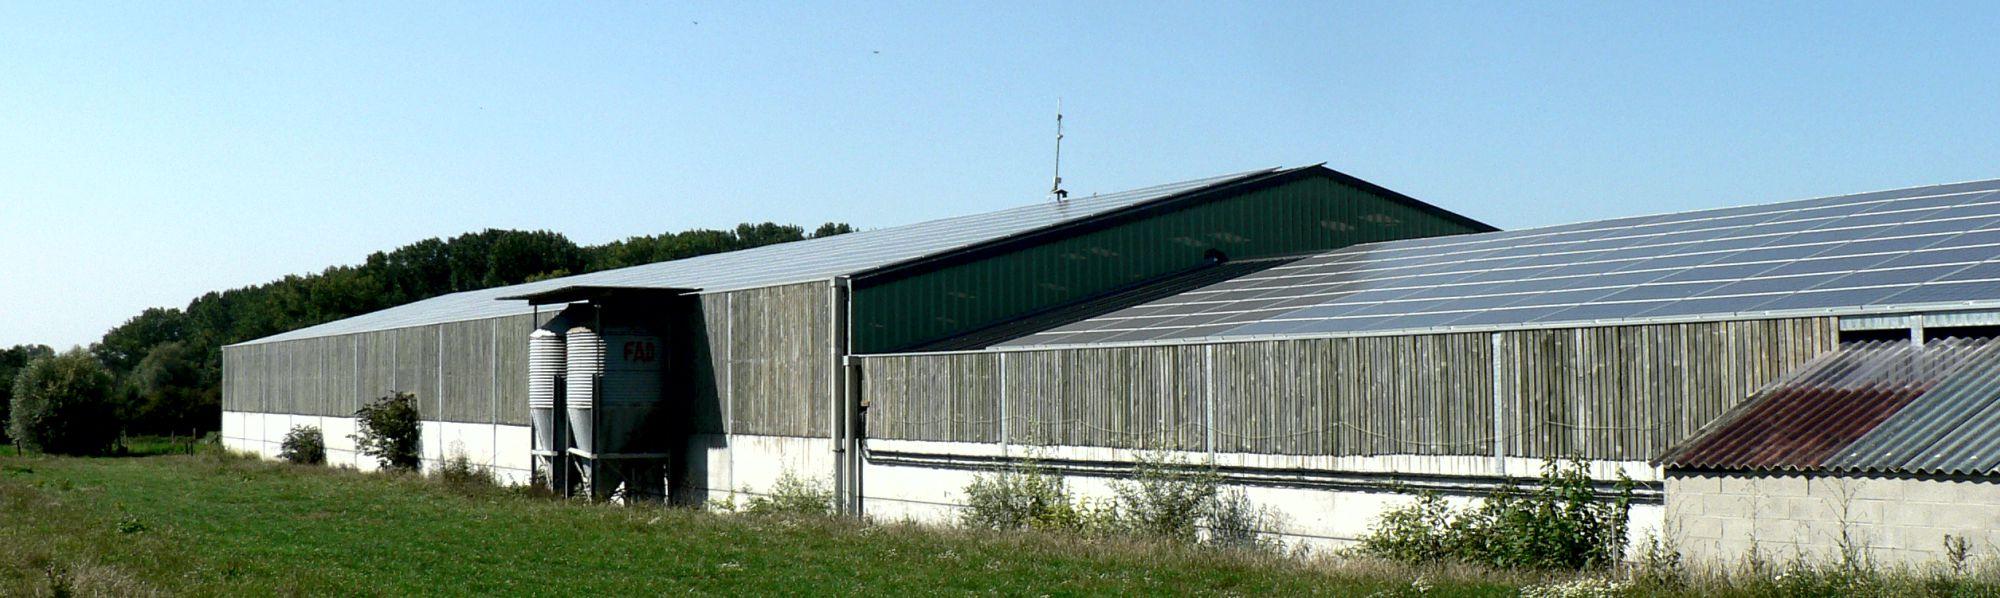 agricole devis photovoltaique installation nord pas de calais picardie hauts de france 59 62